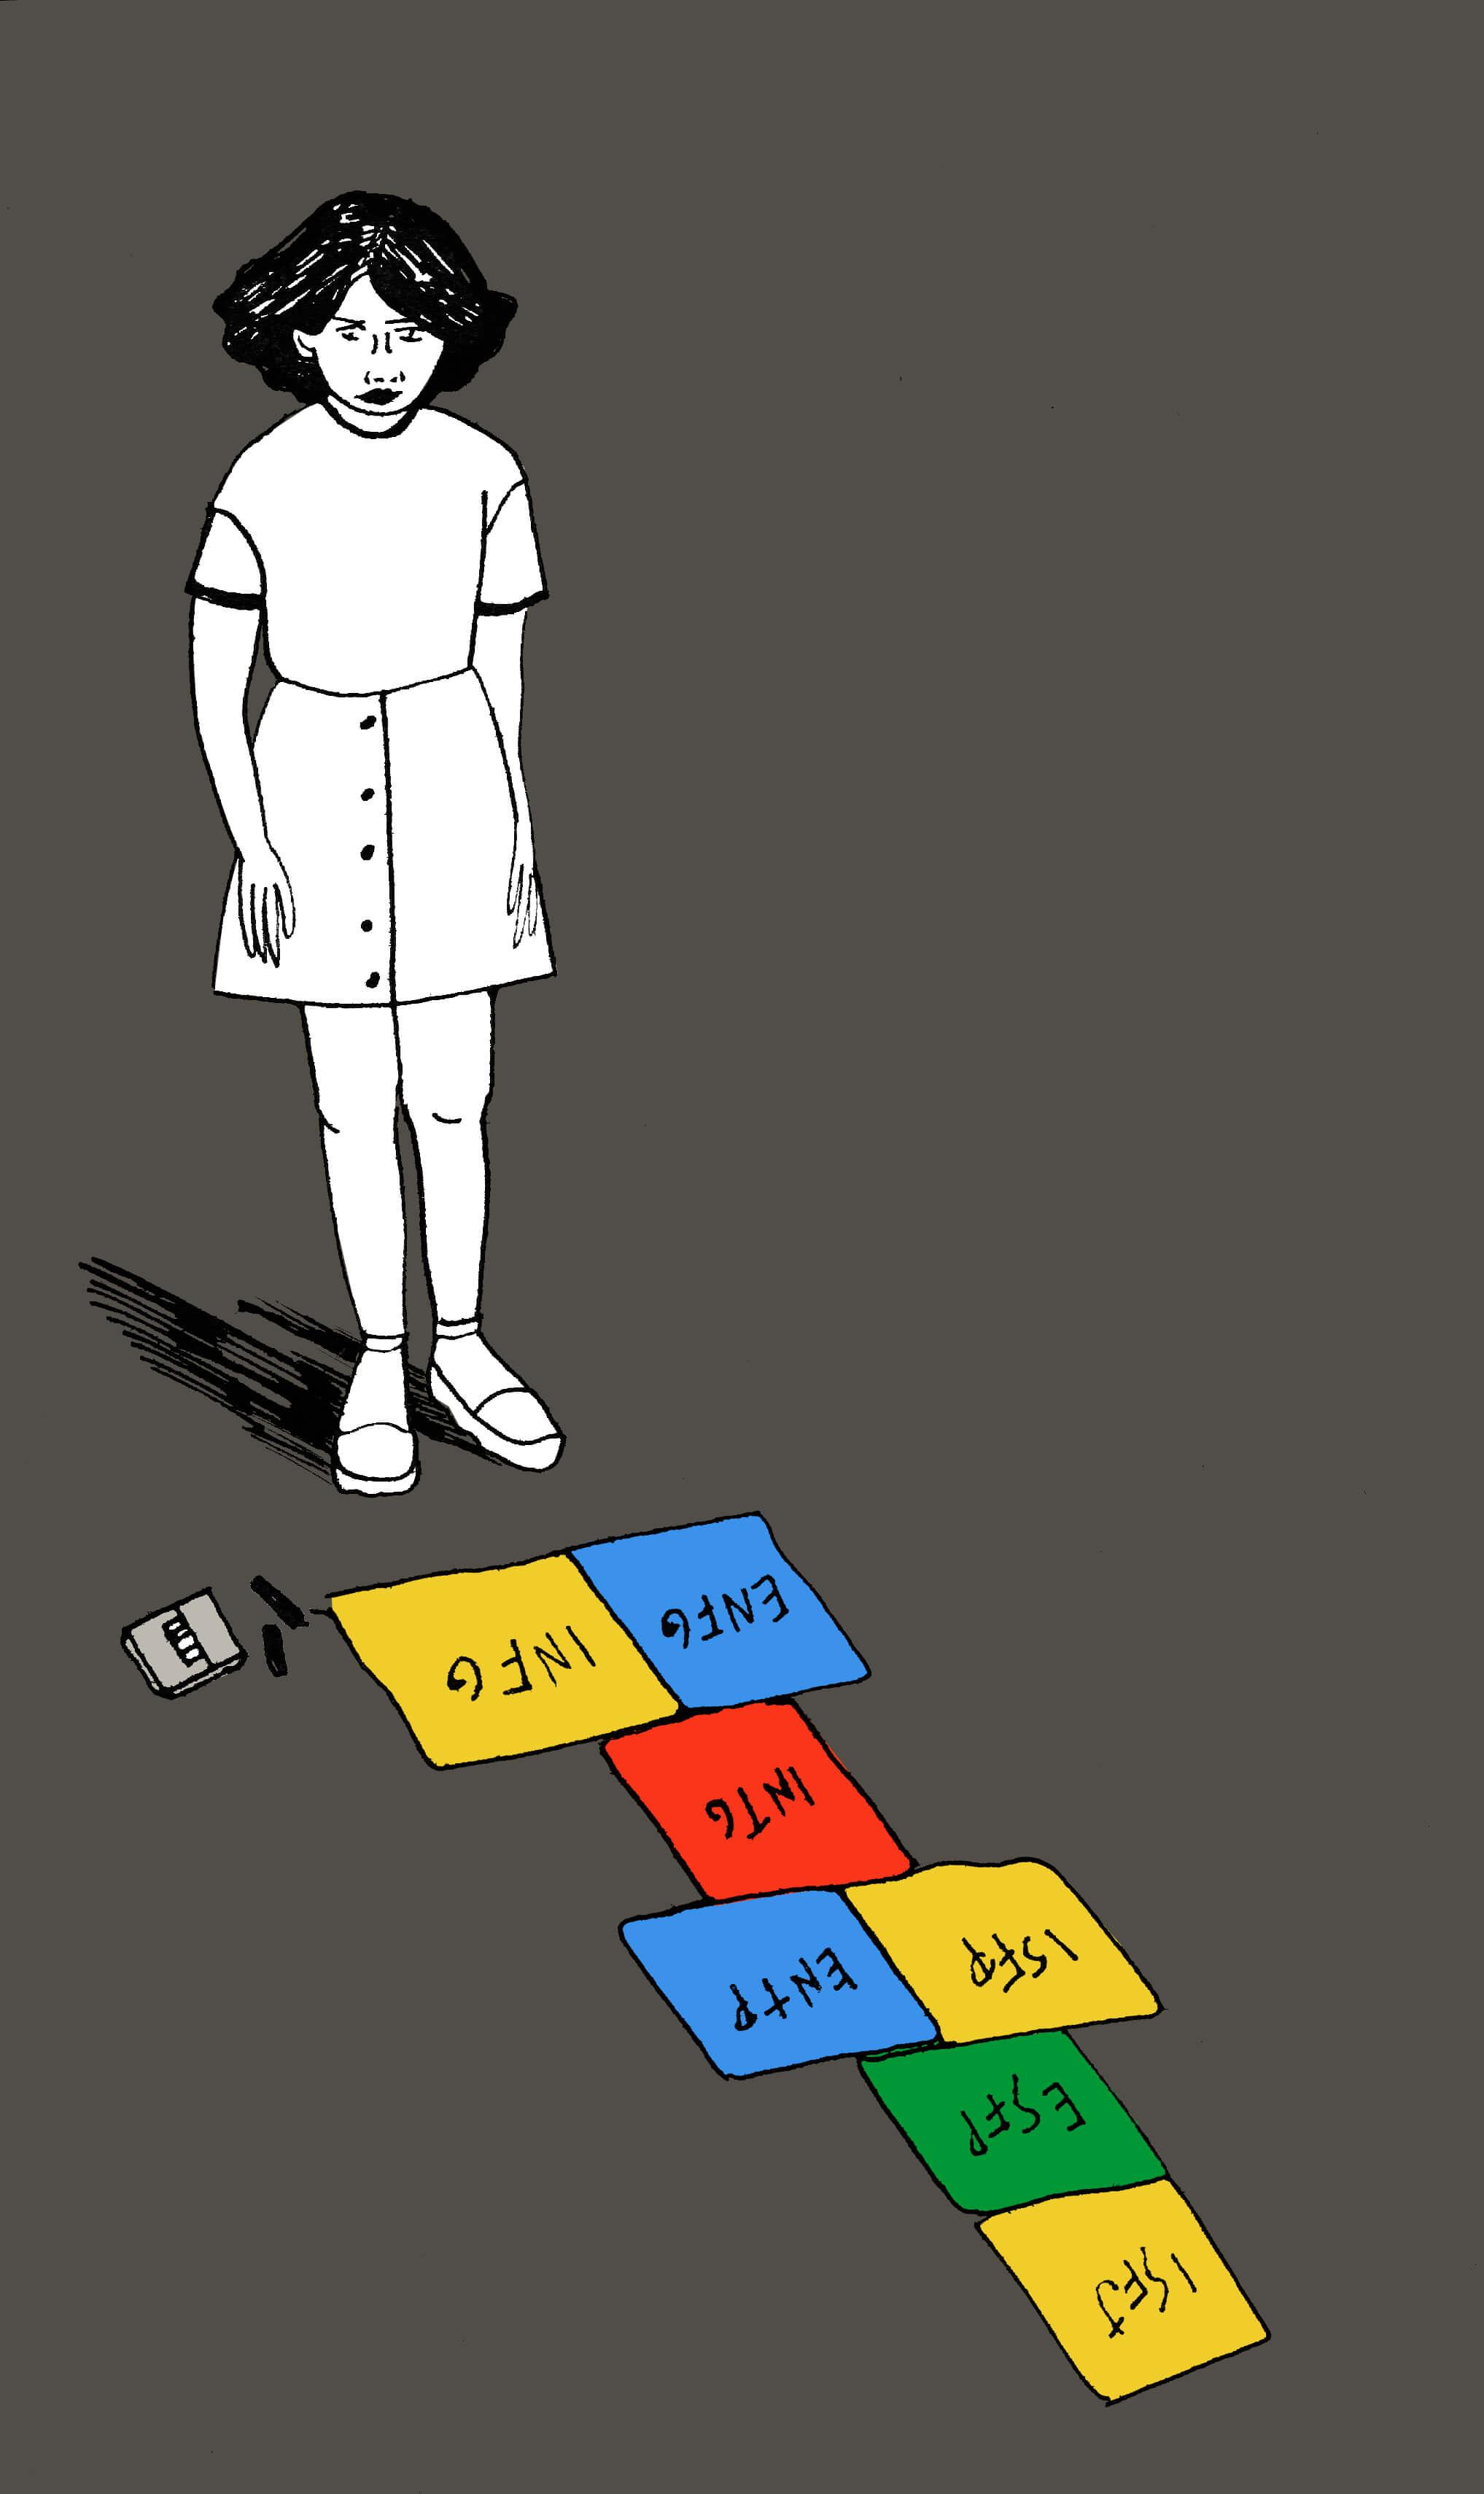 Illustration by Cynthia Merhej.